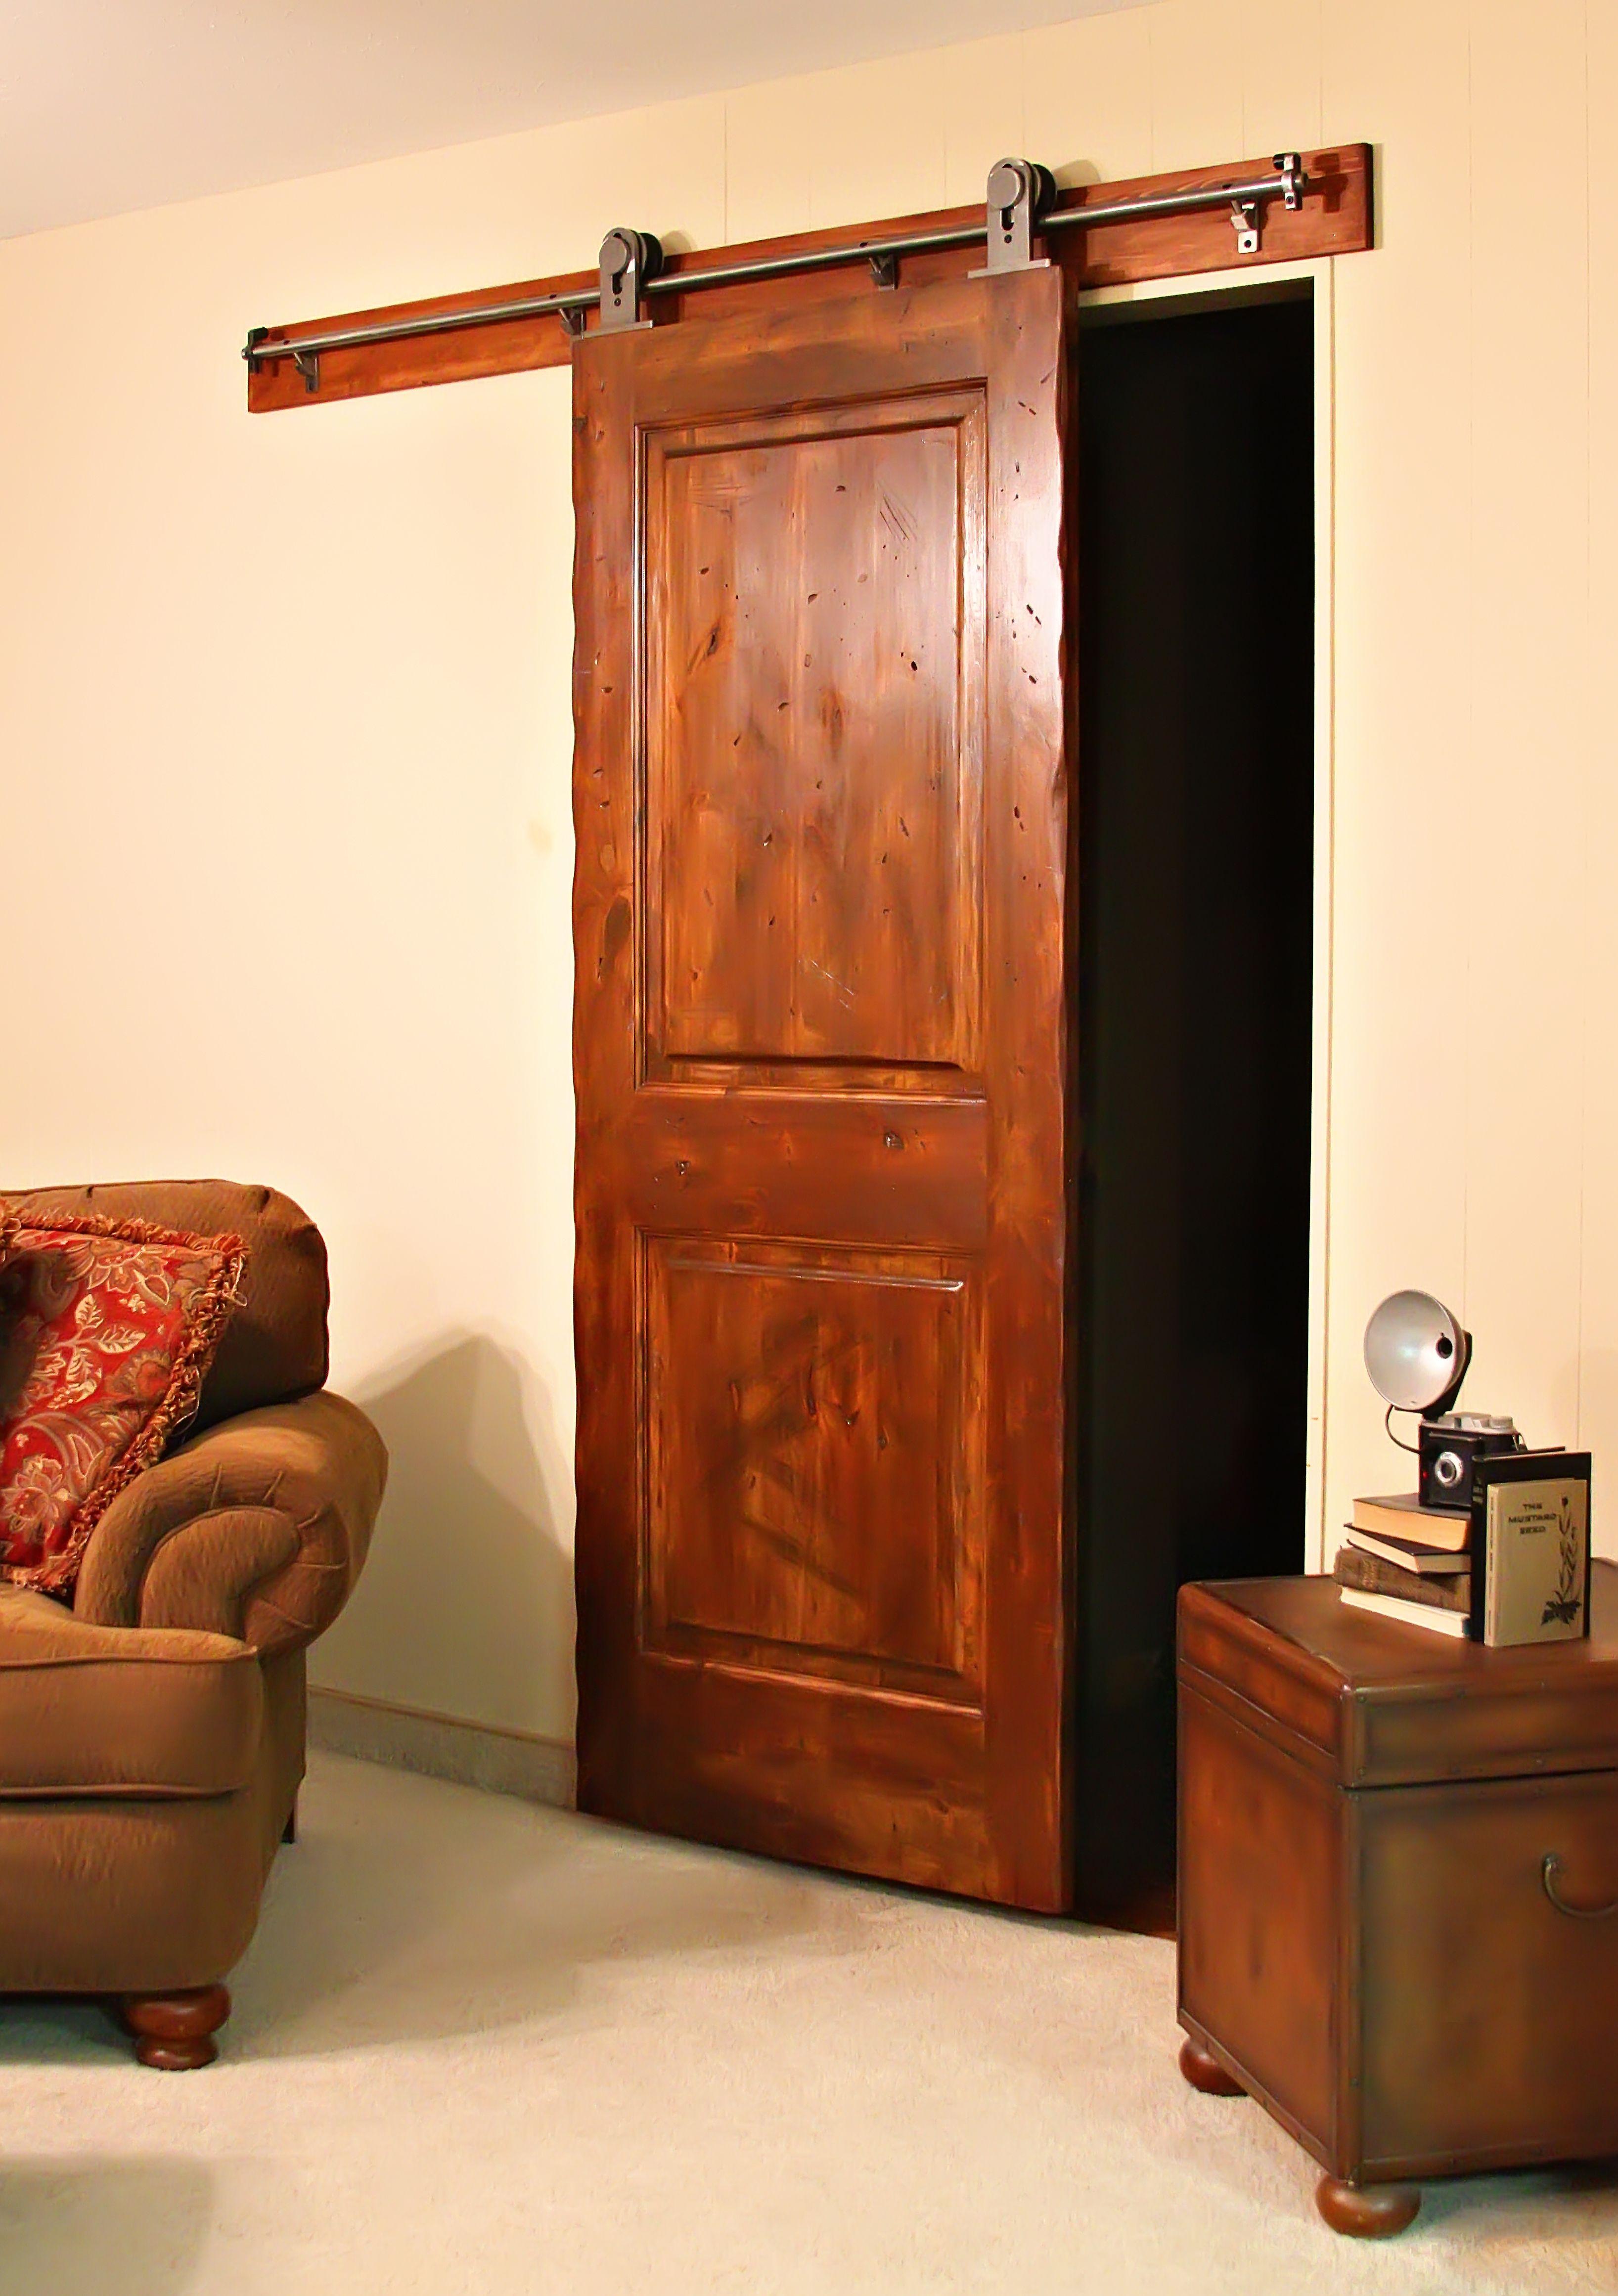 interior barn door  new house  pinterest  barn door hardware  - interior barn door